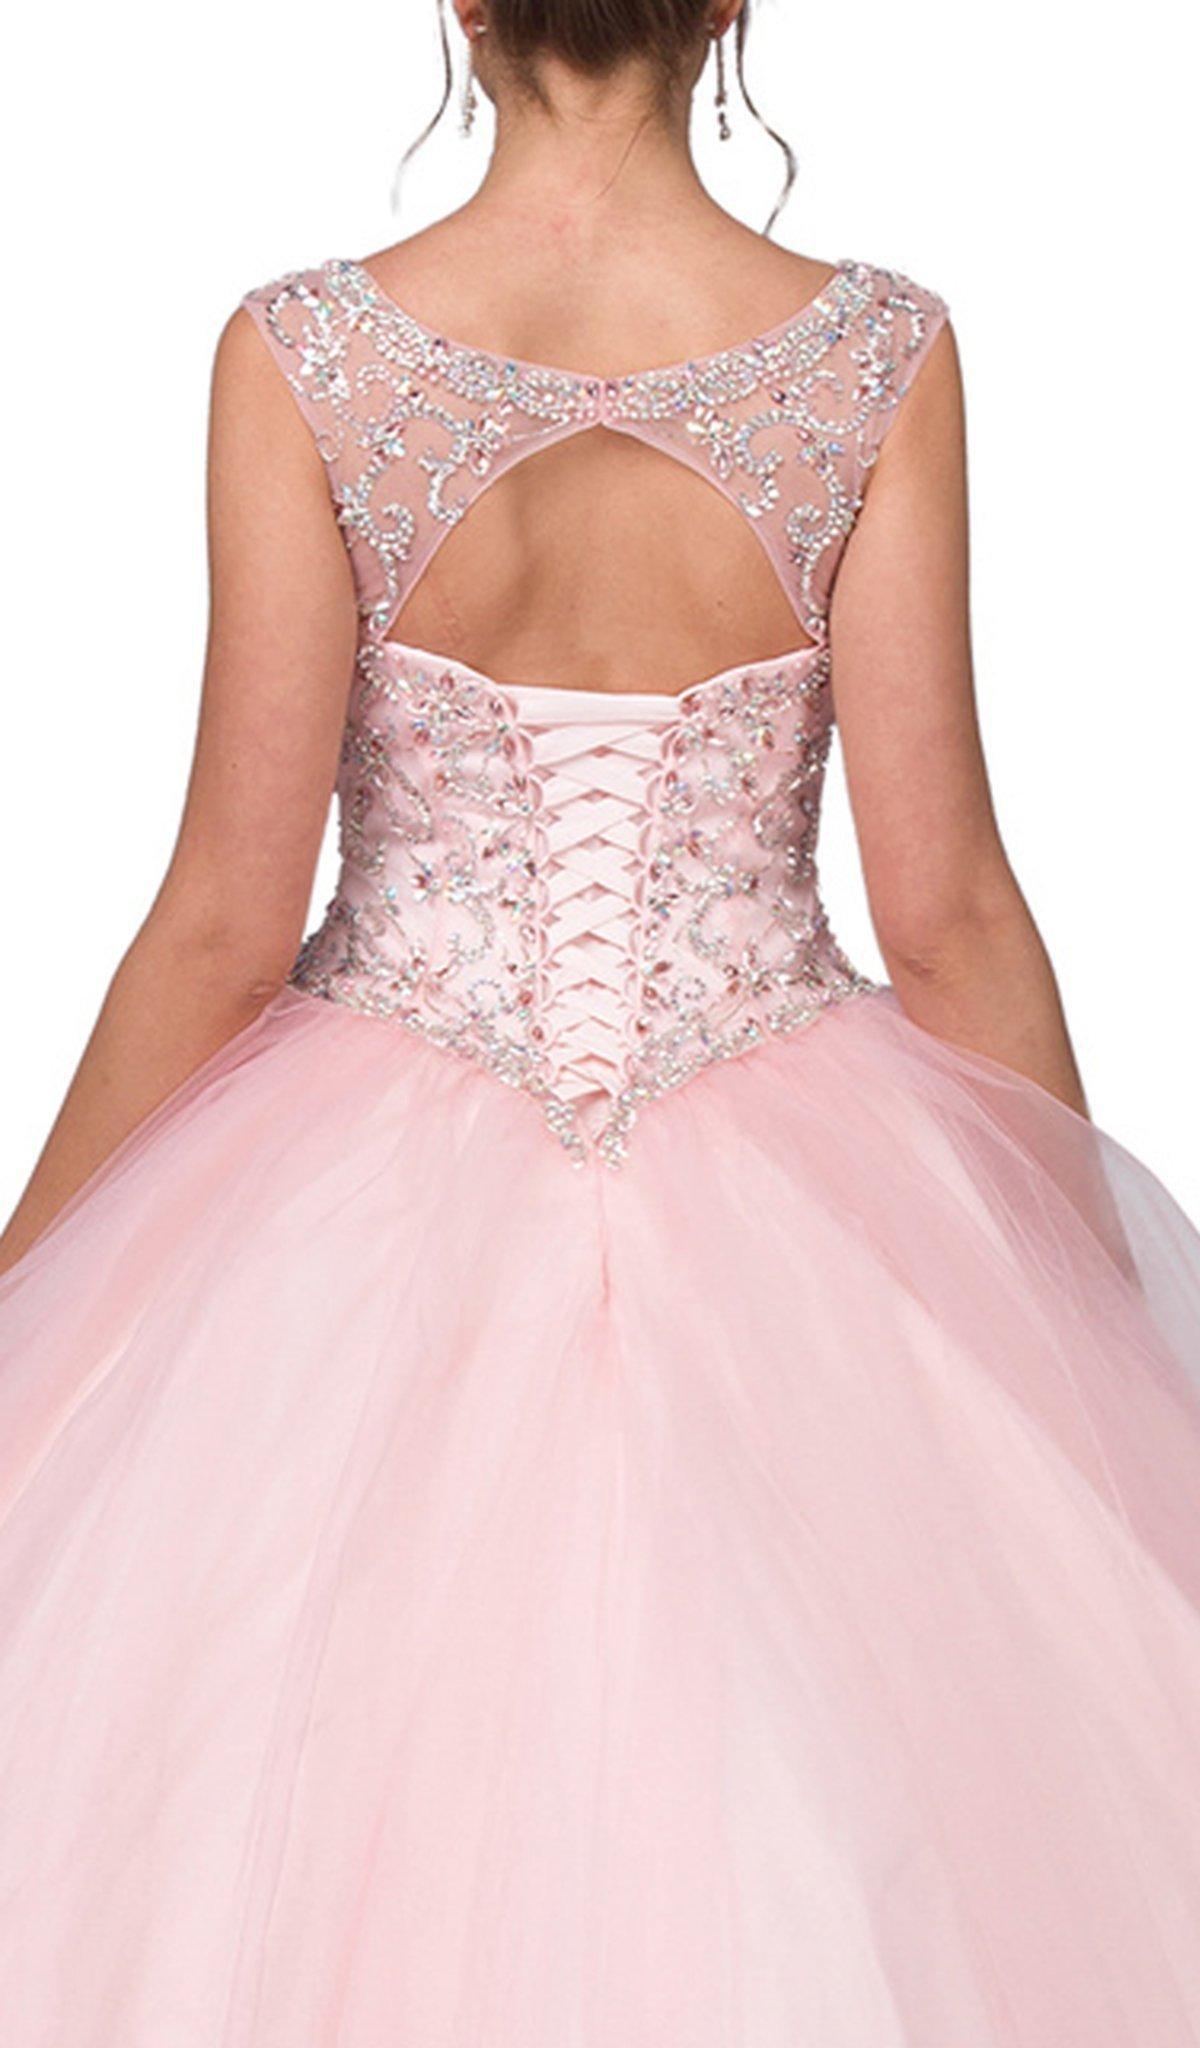 Dancing Queen - 1267 Cap Sleeves Embellished Quinceanera Ballgown